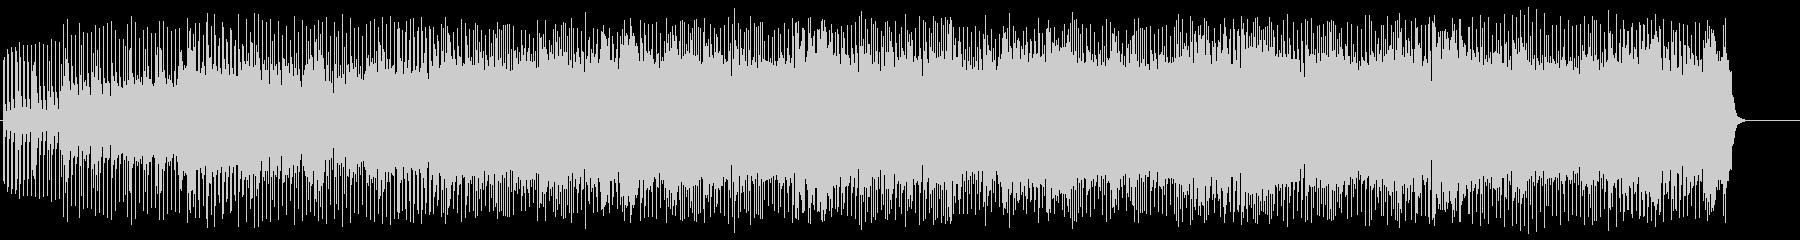 オープニング向けハードロックの未再生の波形